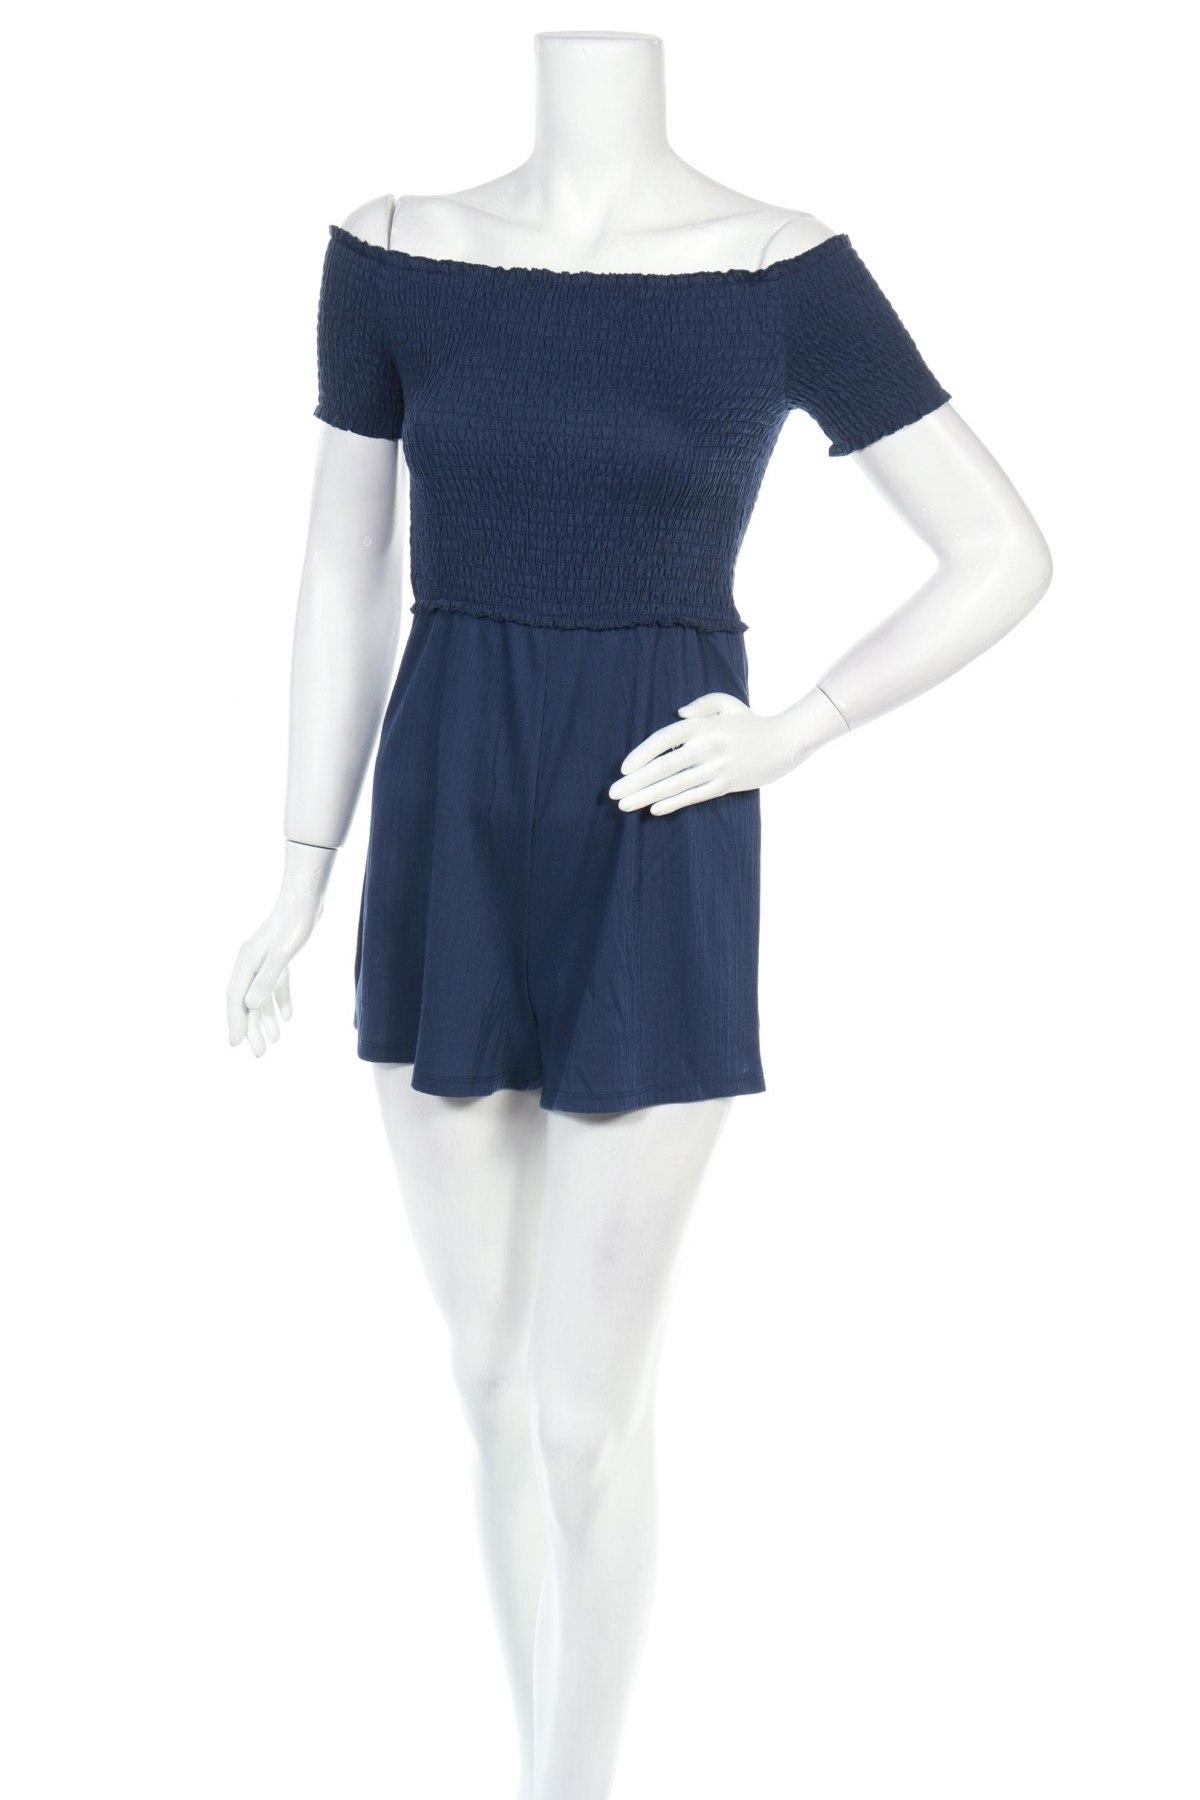 Γυναικεία σαλοπέτα Bershka, Μέγεθος S, Χρώμα Μπλέ, 99% πολυεστέρας, 1% ελαστάνη, Τιμή 11,91€